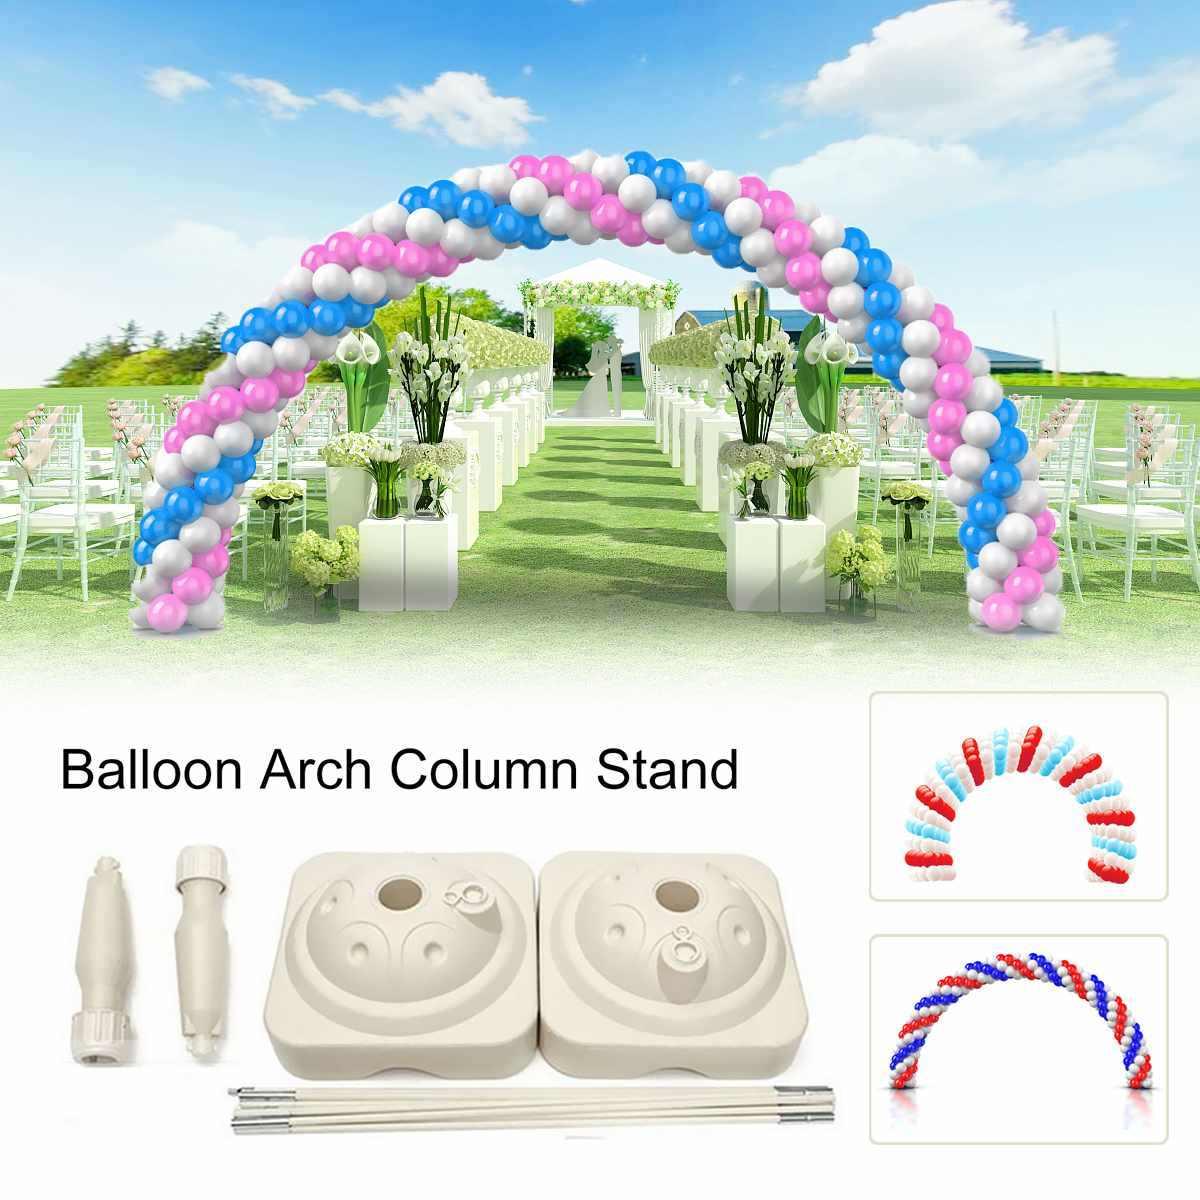 4x2,8 м Арка с воздушными шарами подставка базовый набор кастрюль карабин свадебное торжество поставки регулируемые DIY шариковая Арка Поддержка Декор